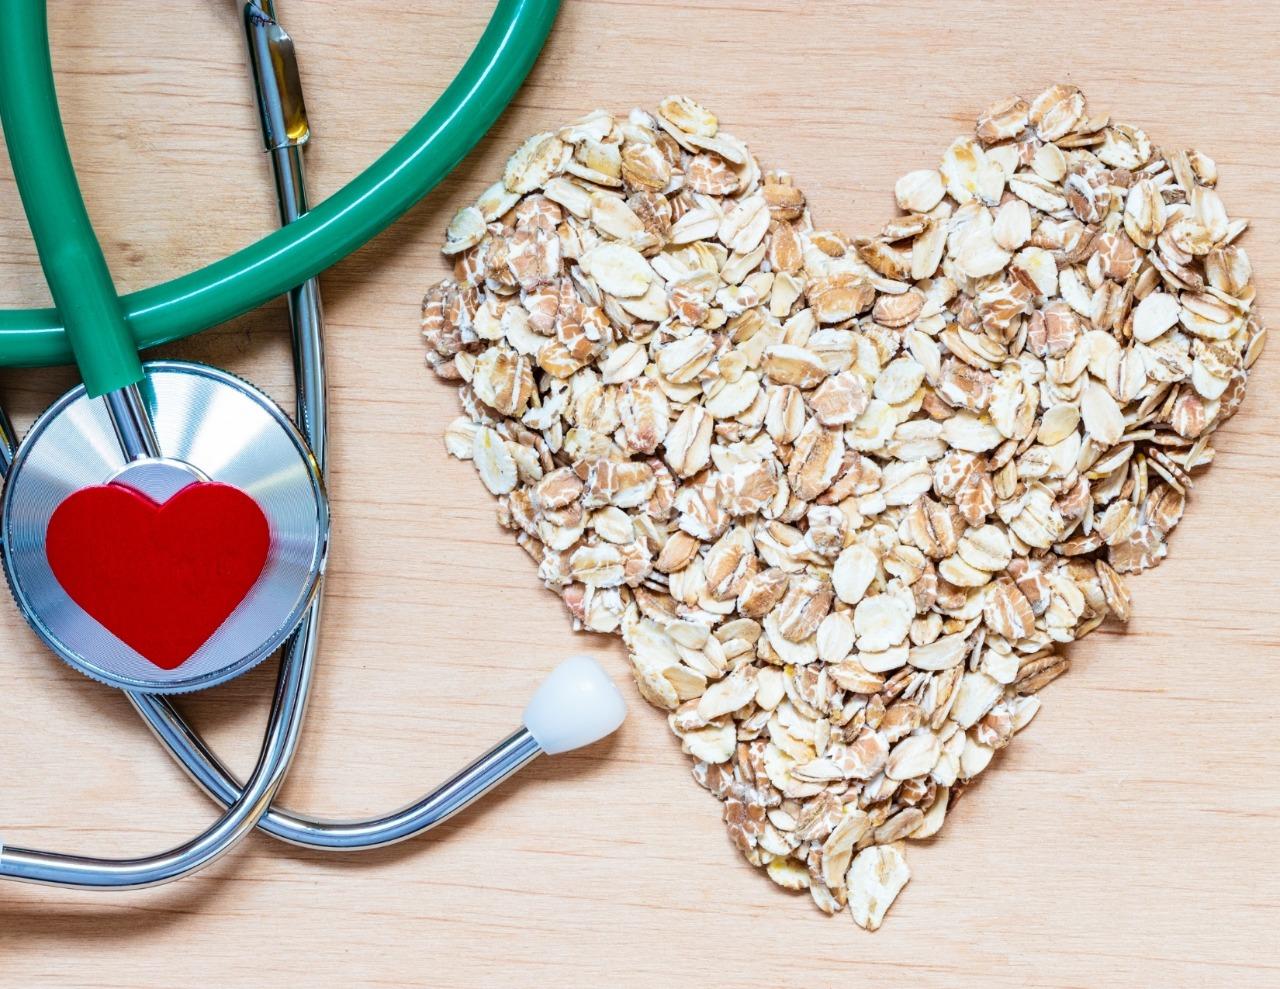 ¿Cómo el corazón se ve afectado por las emociones negativas?